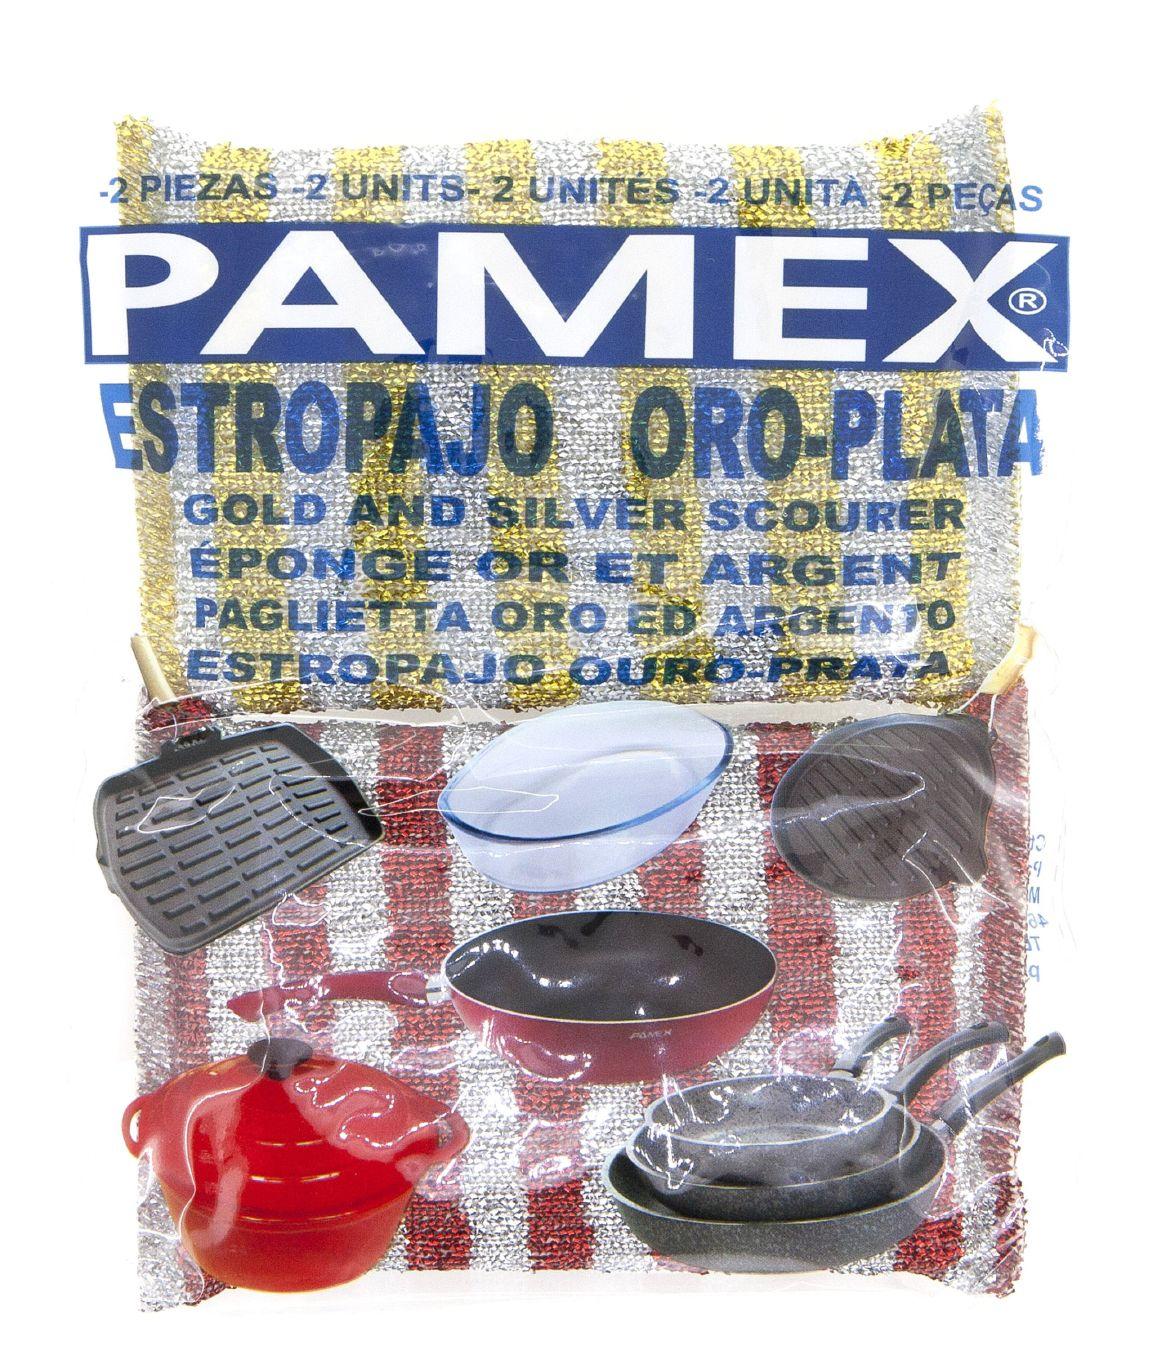 ESTROPAJO ORO-PLATA 2 PZAS. PAMEX